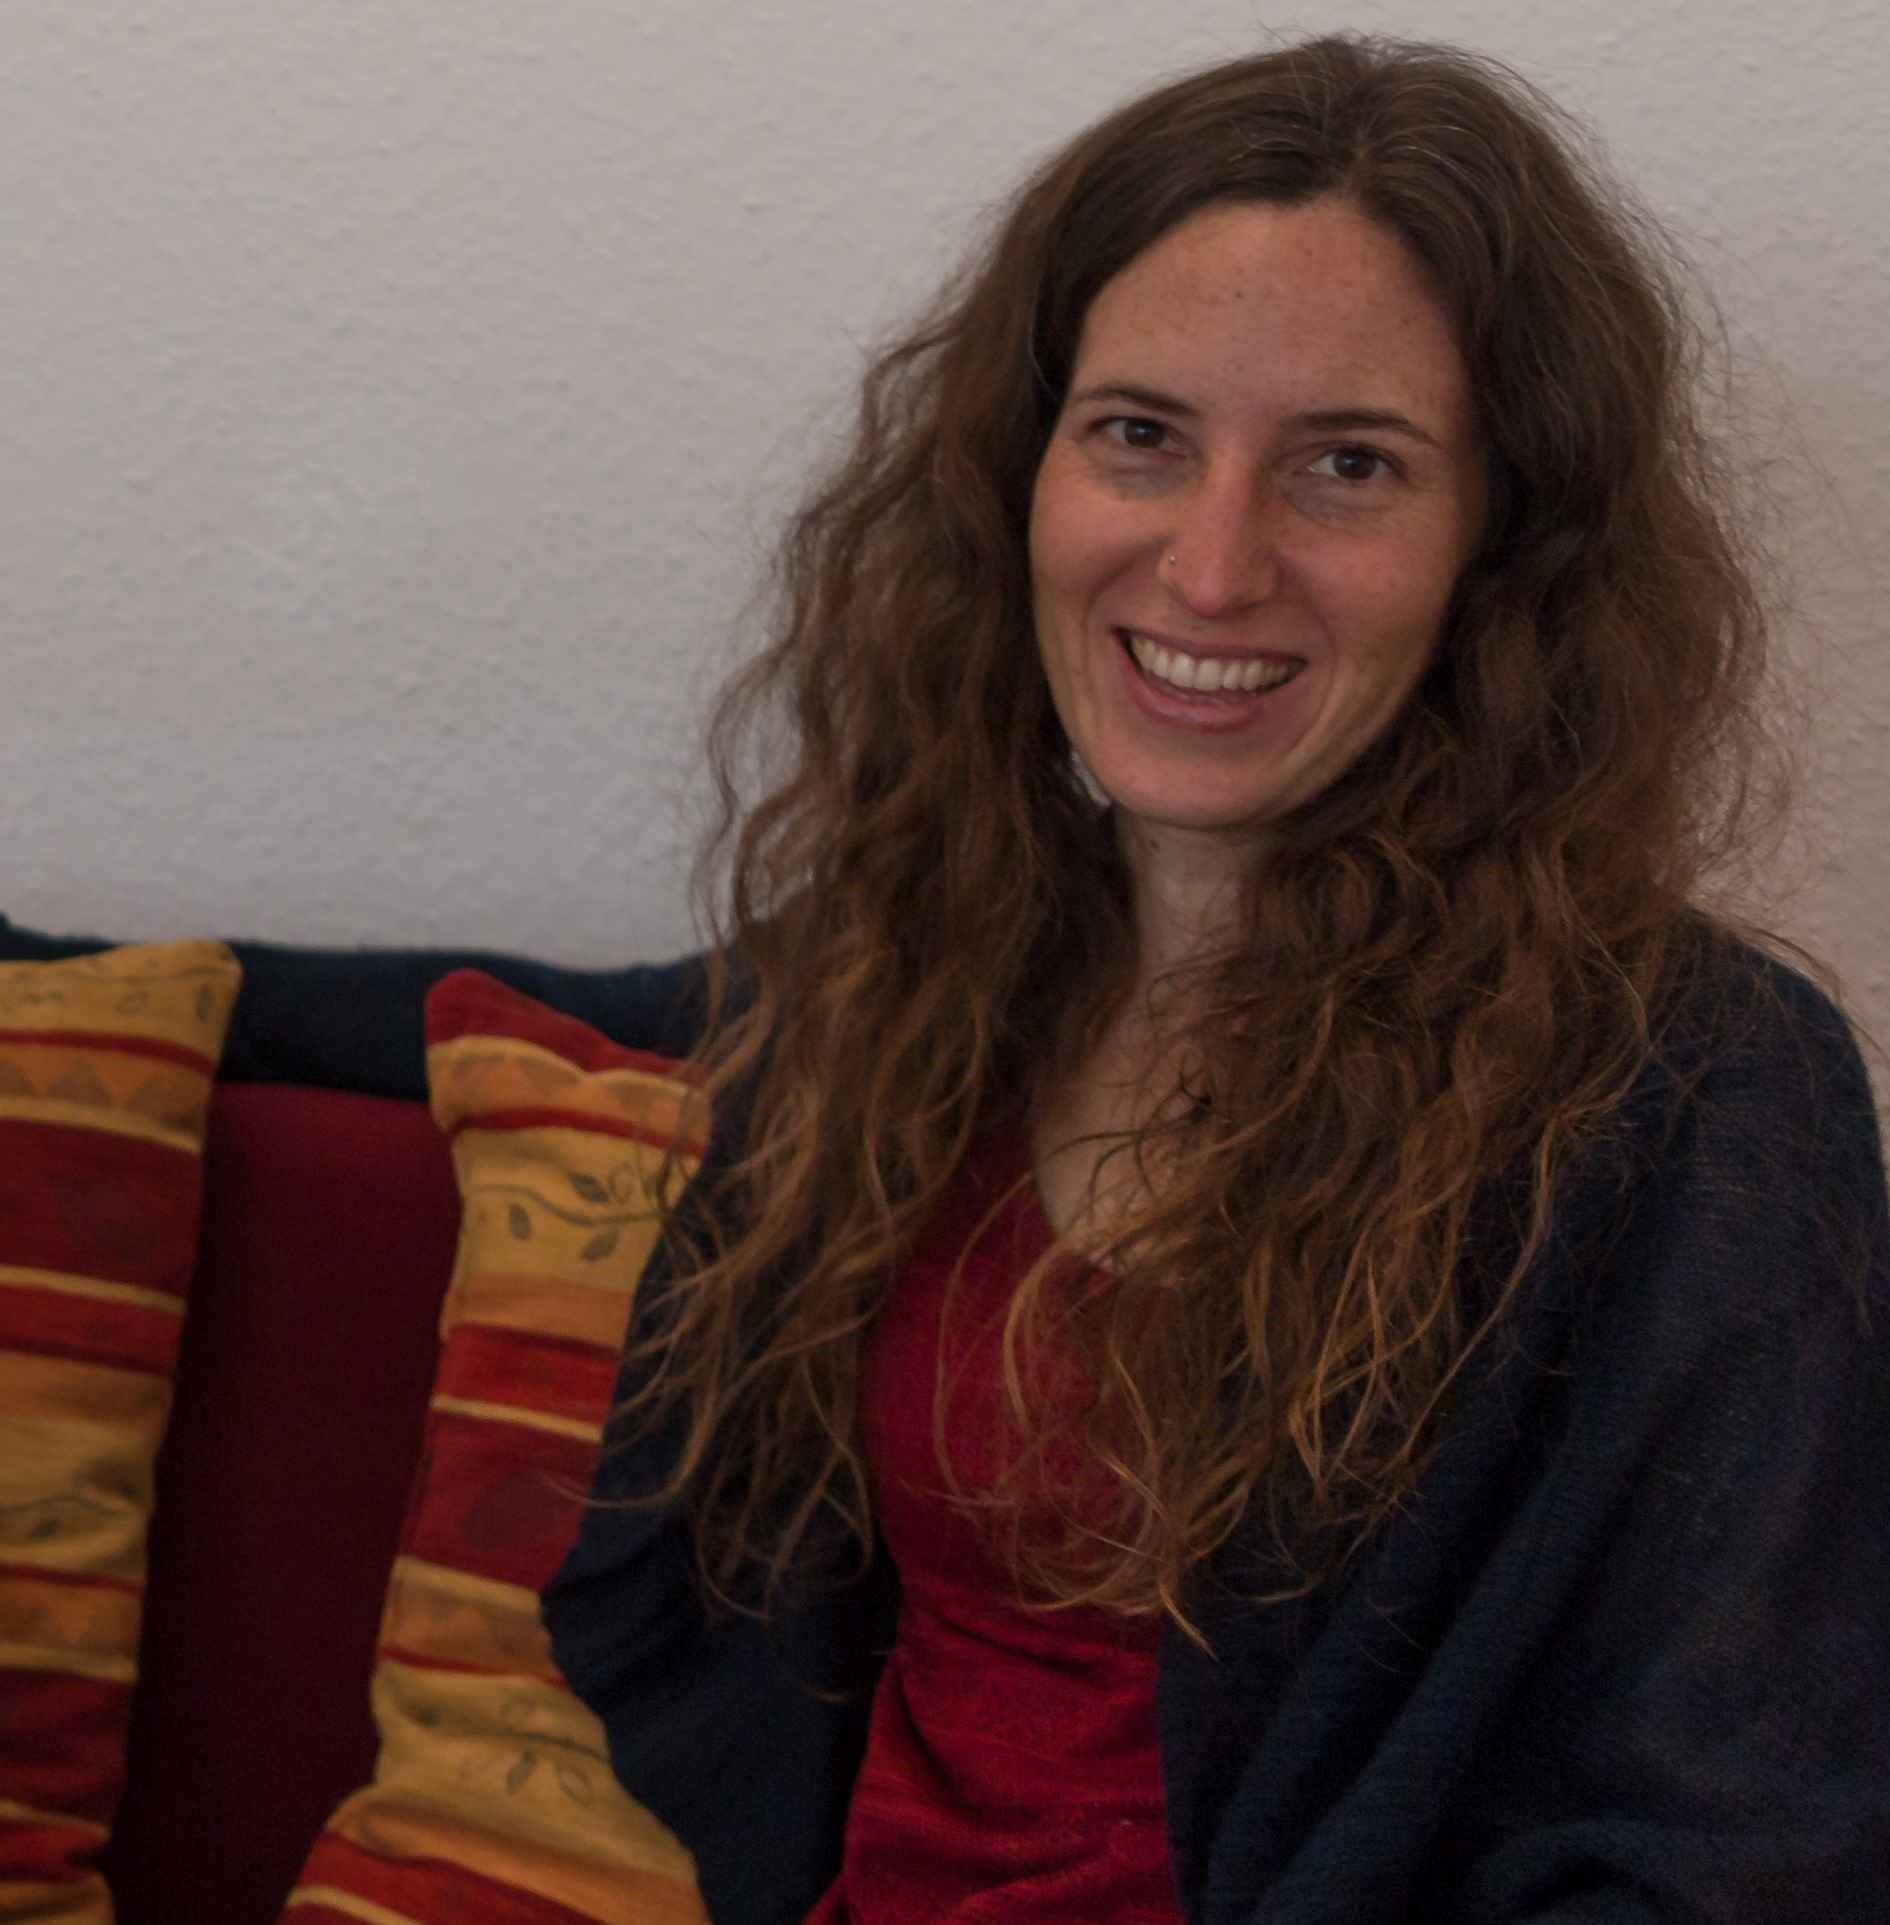 Ines Badusche, Psychotherapeutin, Paartherapeutin, Sexualtherapeutin, Entspannung für den Alltag in Schopfheim